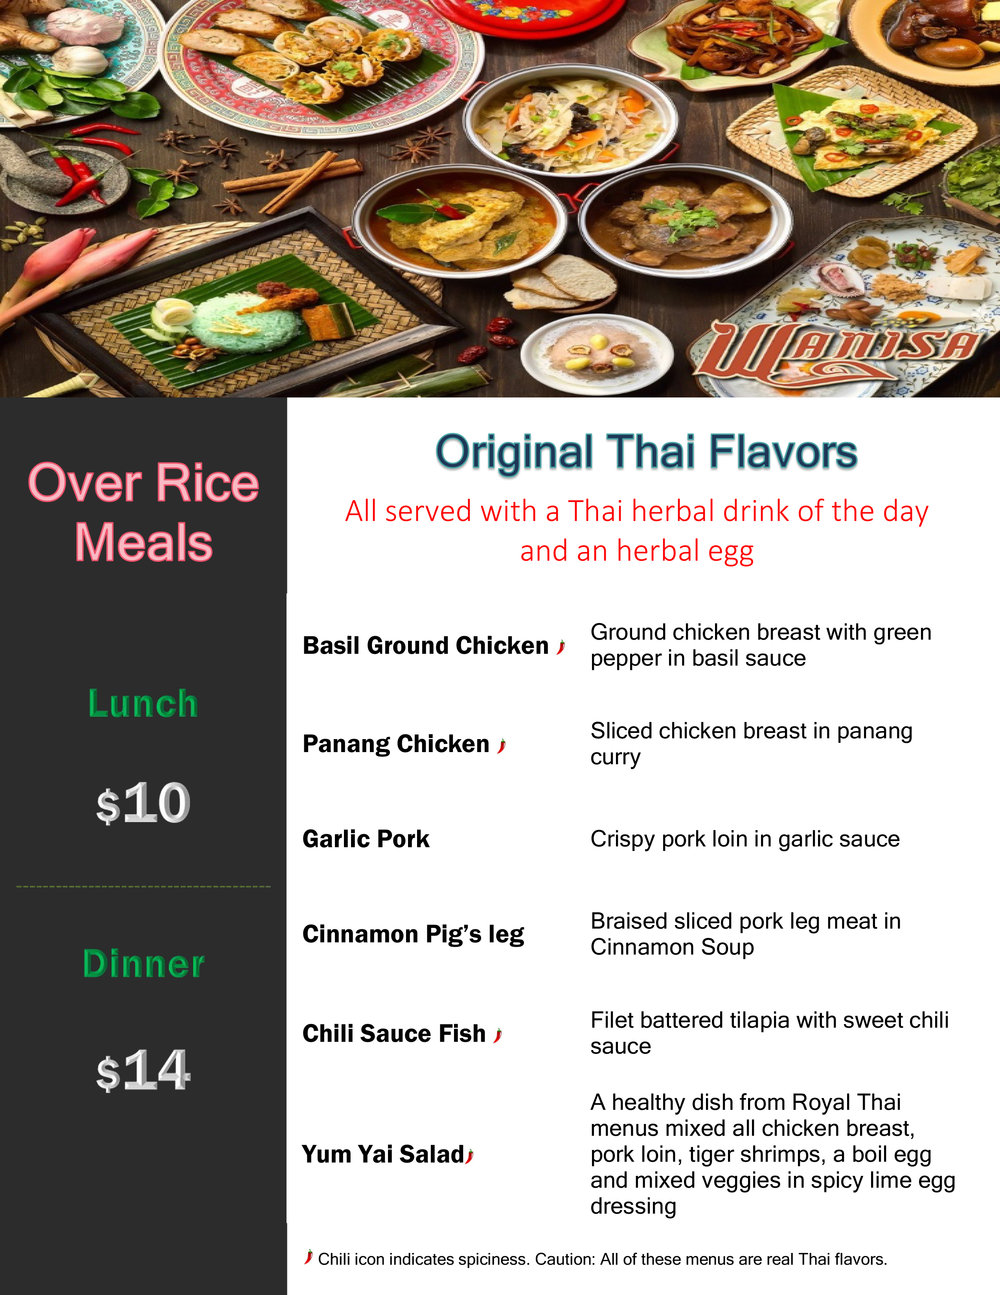 Over Rice Menu 6.jpg